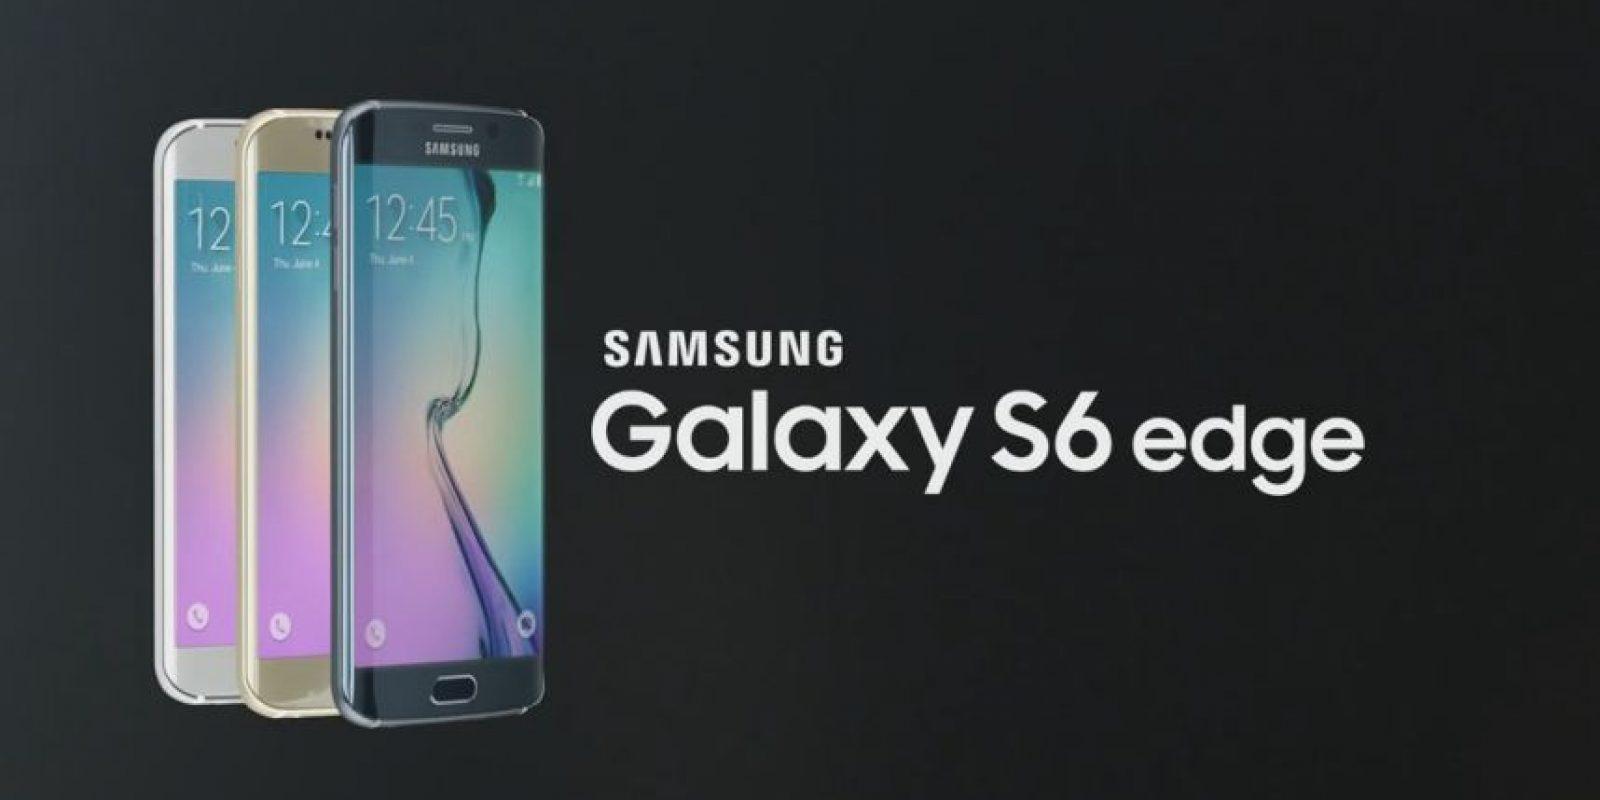 Se trata de una campaña publicitaria del Galaxy S6 Edge. Foto:Samsung